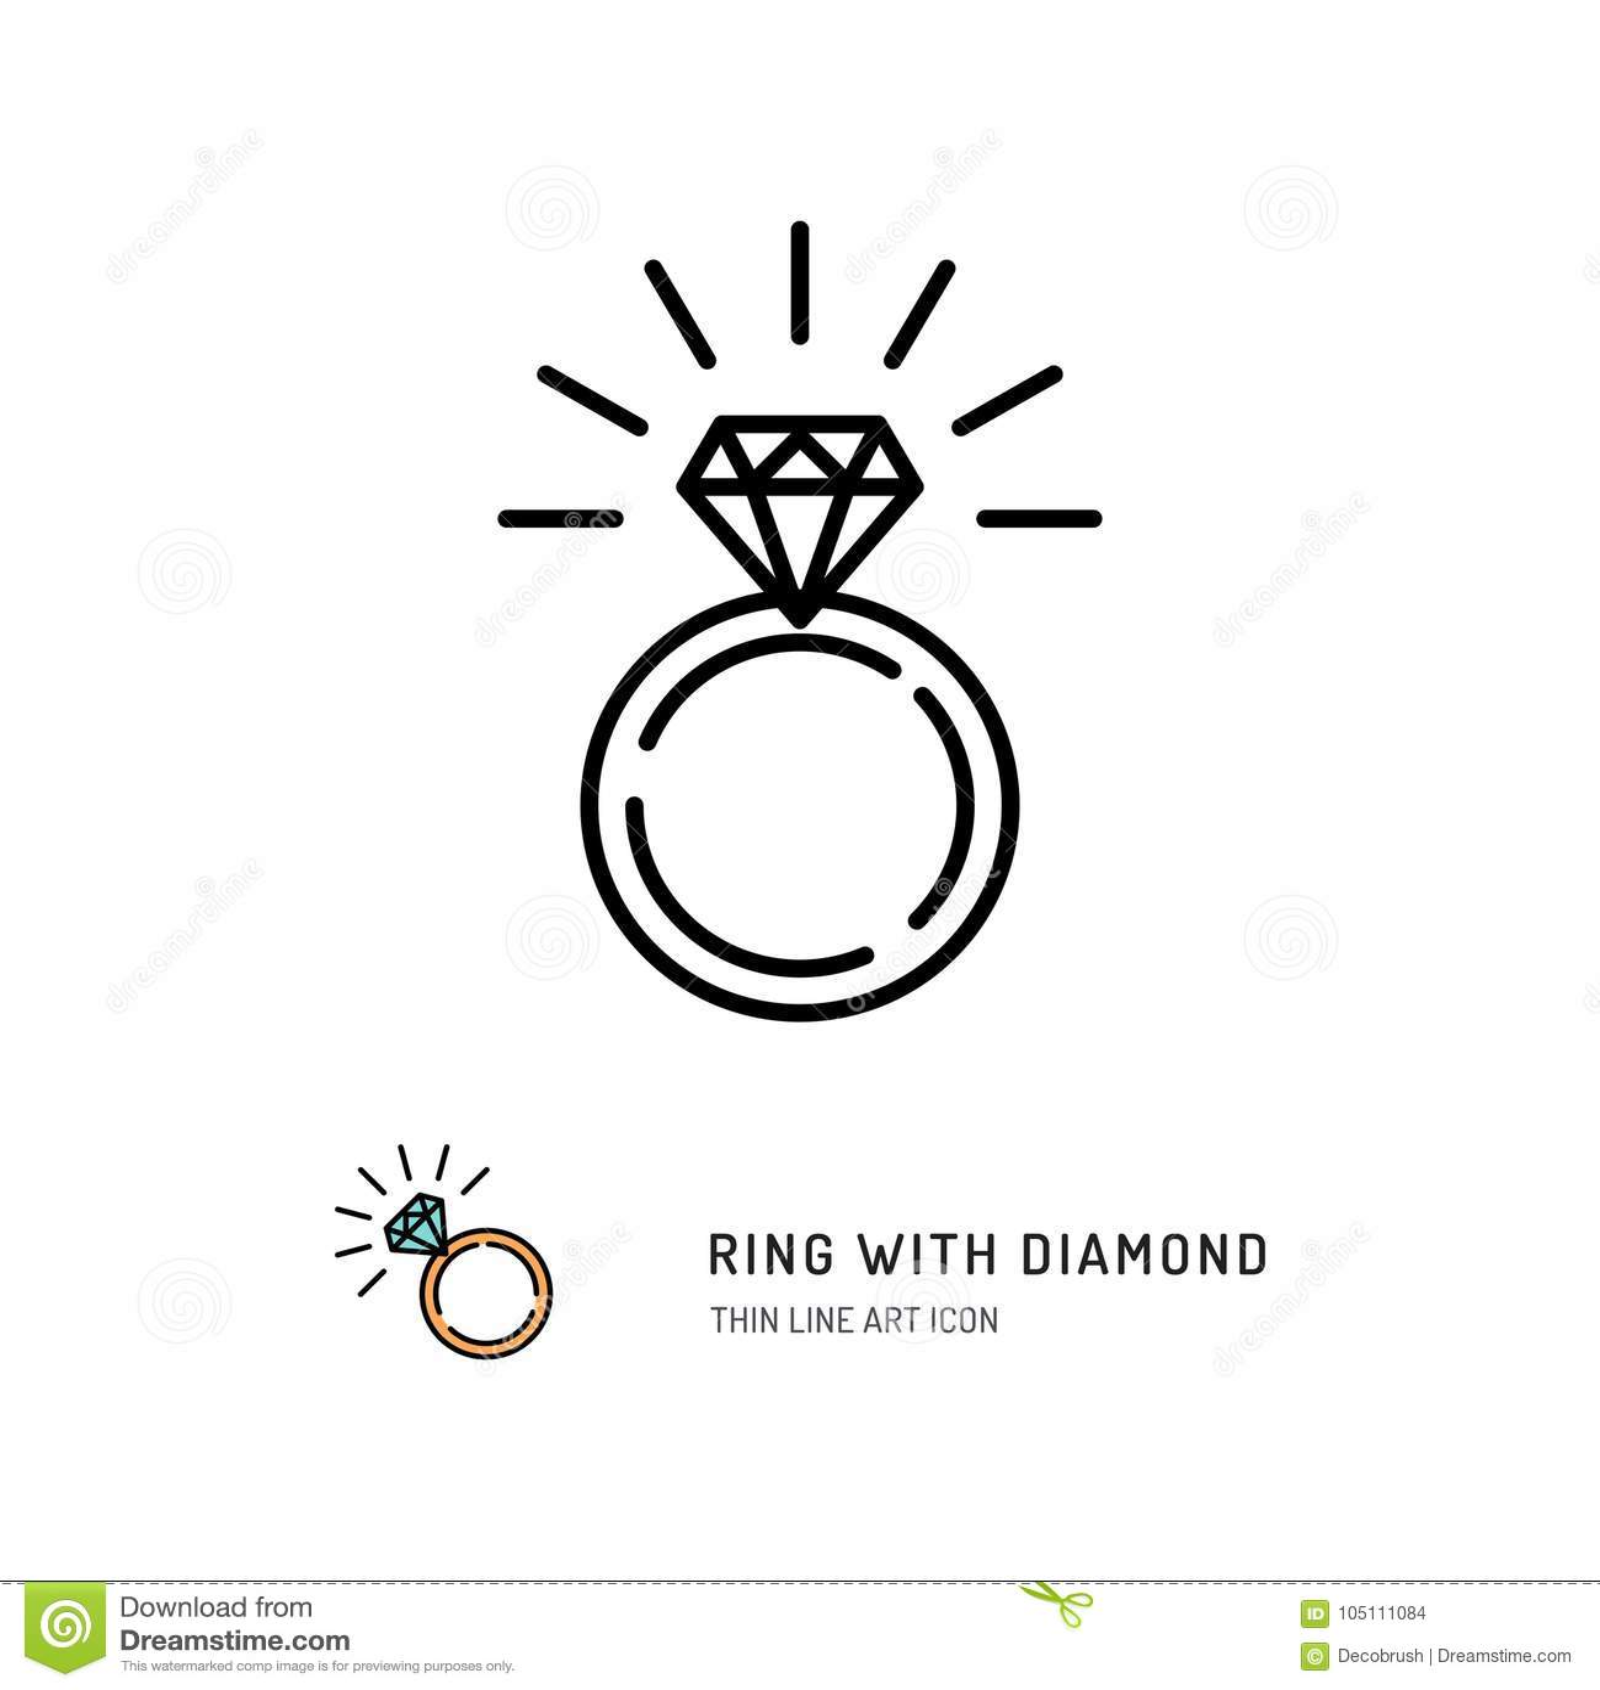 Ring With Diamond Icon, impegno e fede nuziale Linea progettazione di arte, illustrazione di vettore